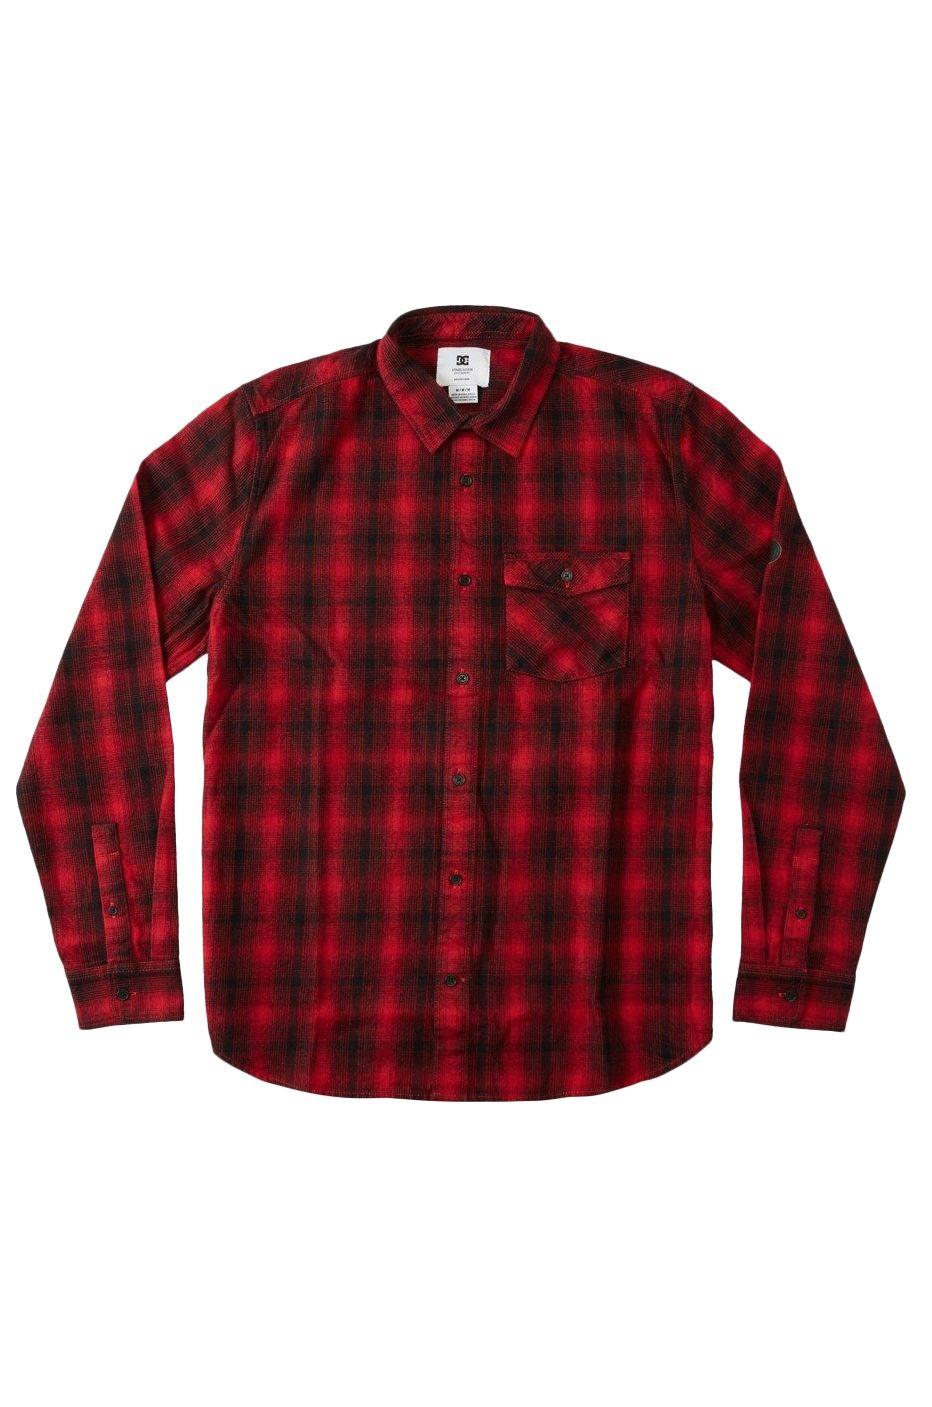 DC Shoes Shirt MARSHAL LS Chili Pepper Shadow Plaid